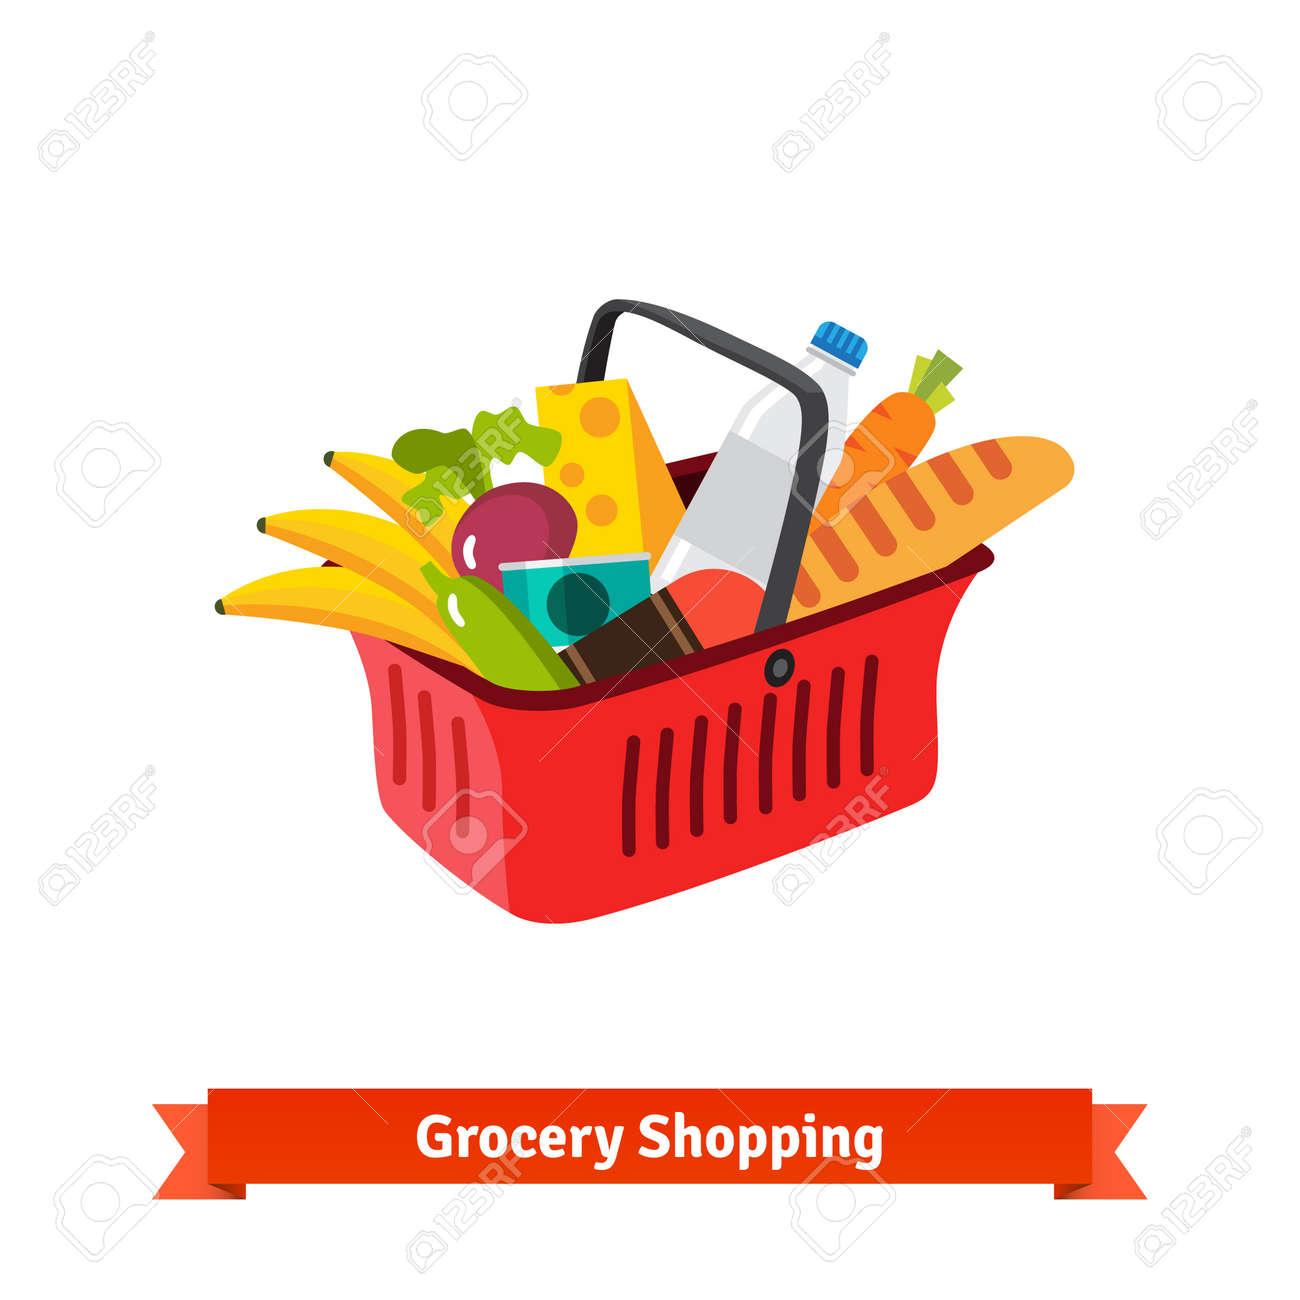 Plástico rojo cesta llena de comestibles. Supermercado o tienda local. Ilustración vectorial aislado plana. Foto de archivo - 48124331